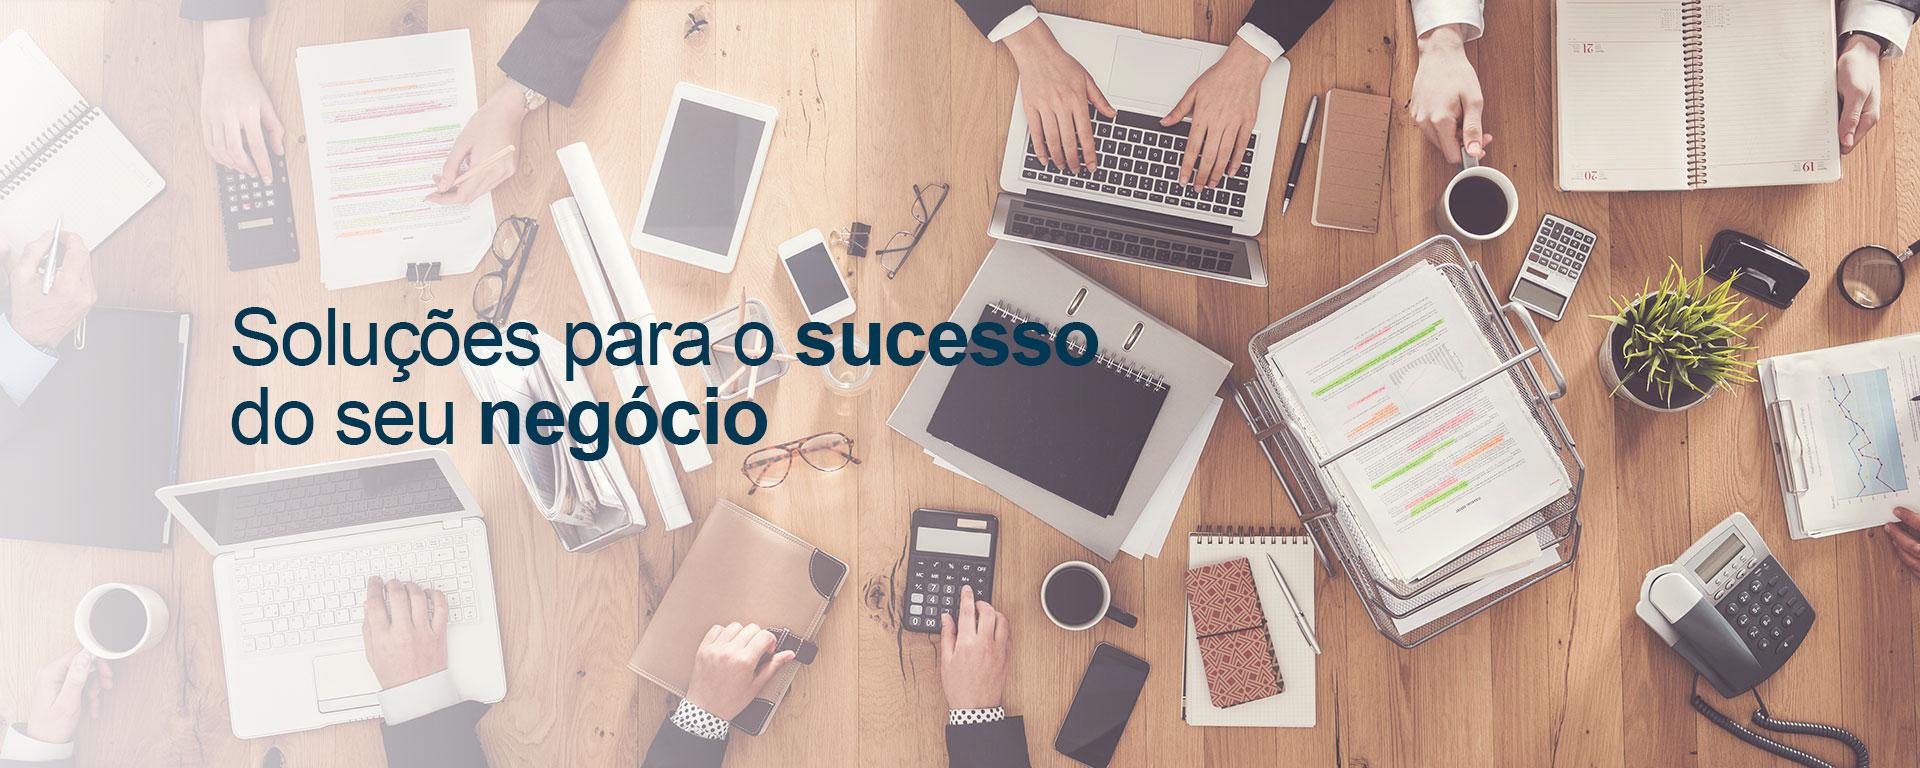 Banner Soluções para o sucesso  do seu negócio